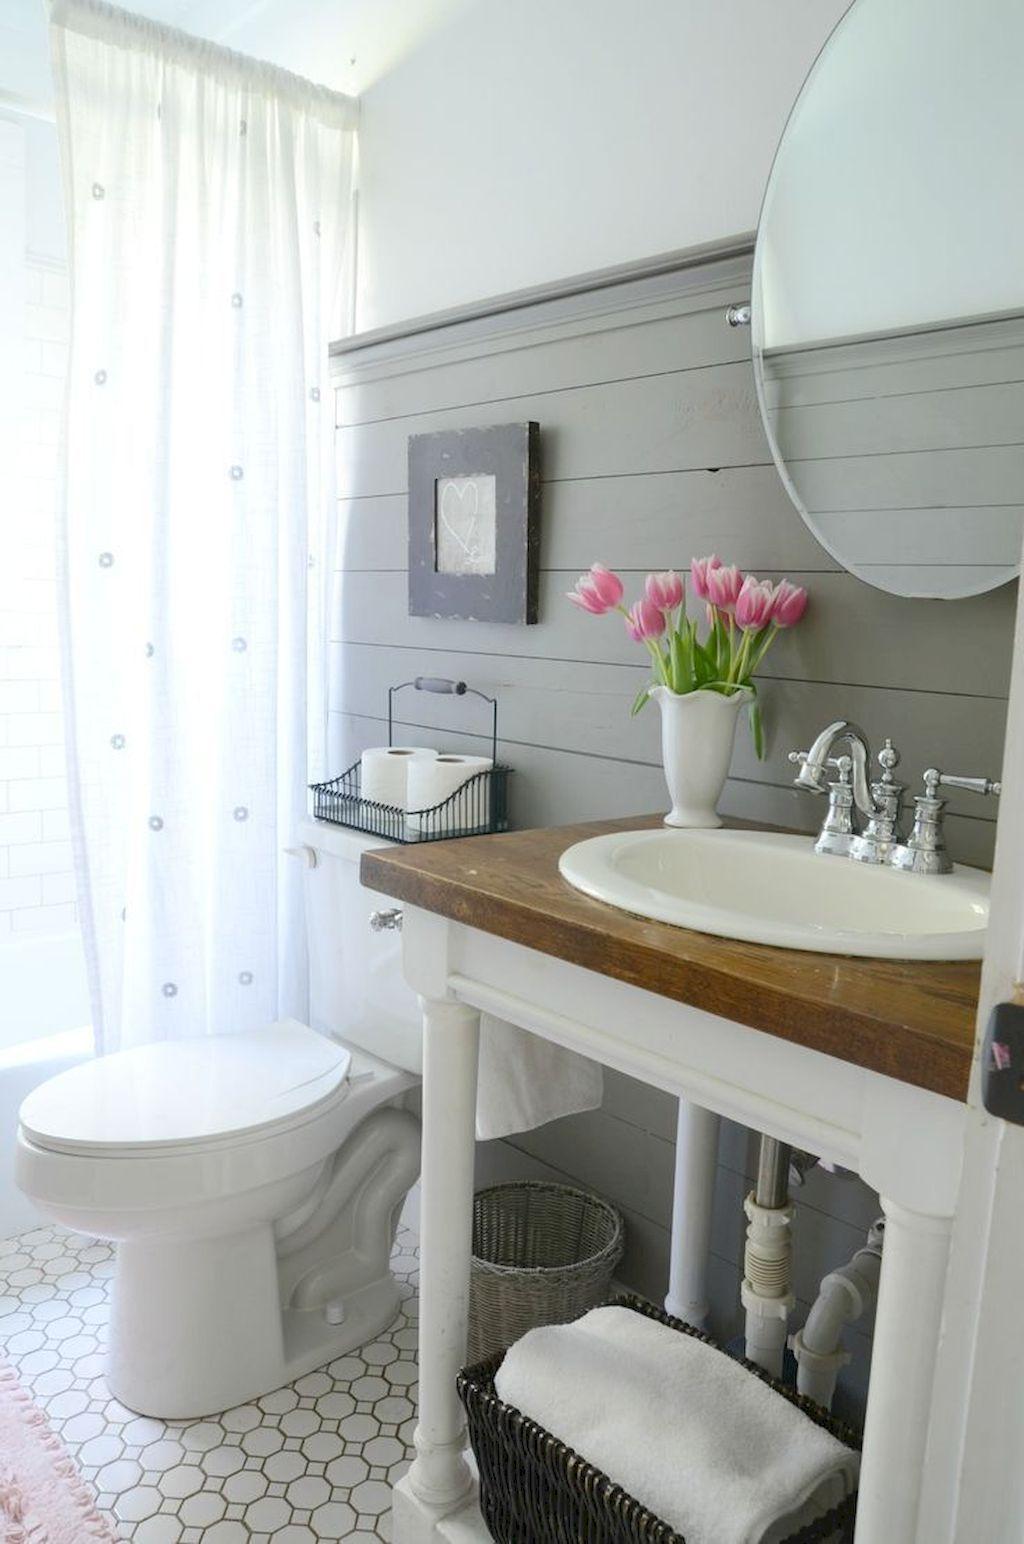 19. Farmhouse Bathroom Decor